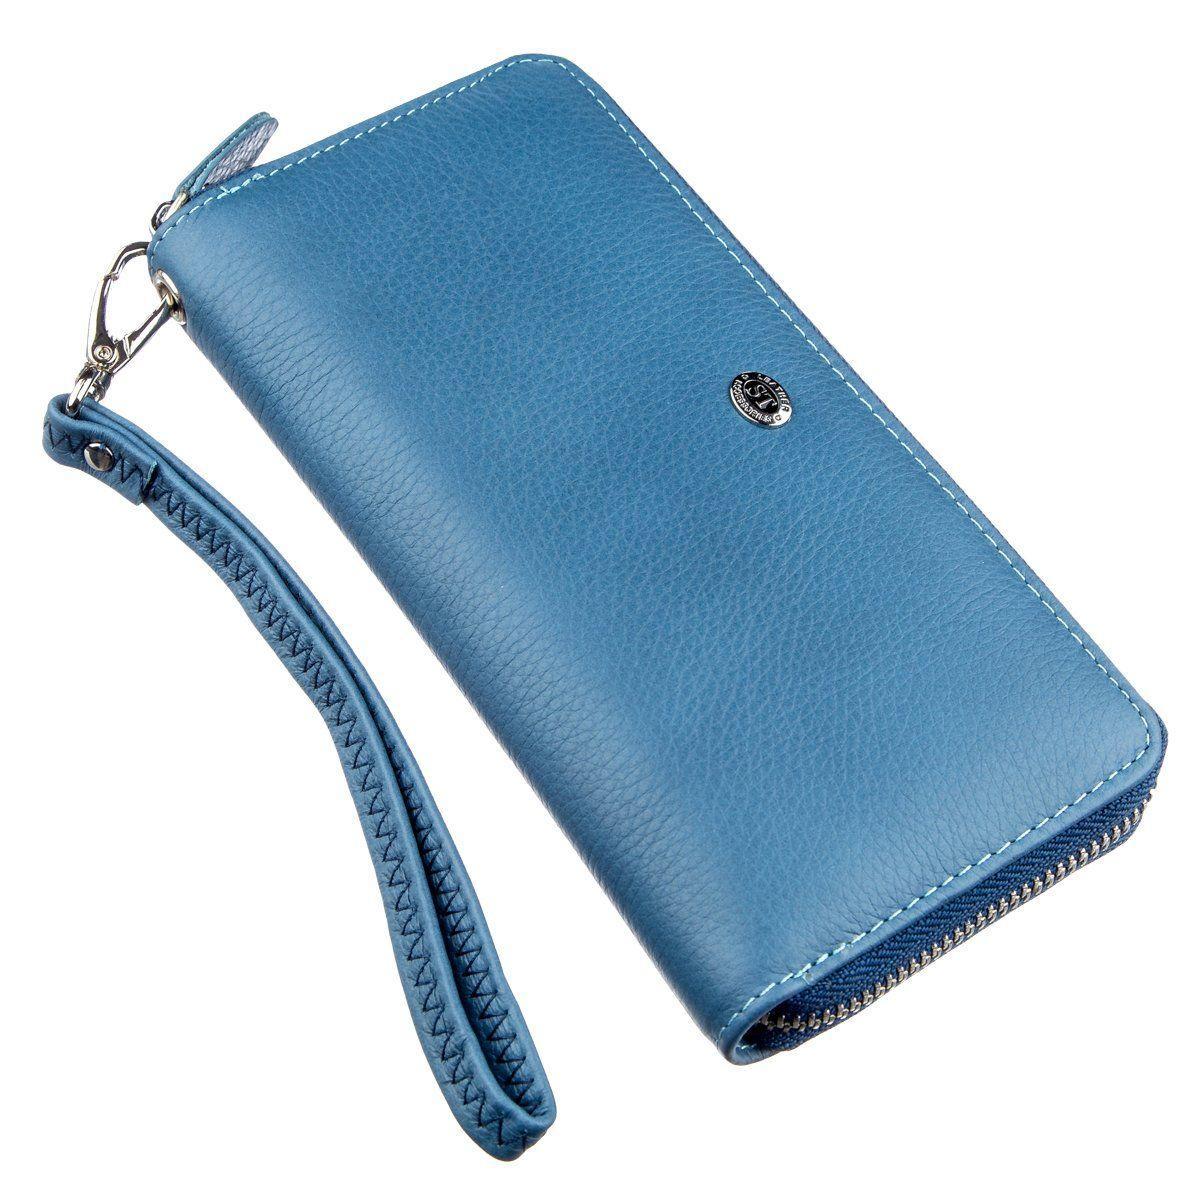 Вместительный женский клатч-кошелек ST Leather 18934 Голубой, Голубой